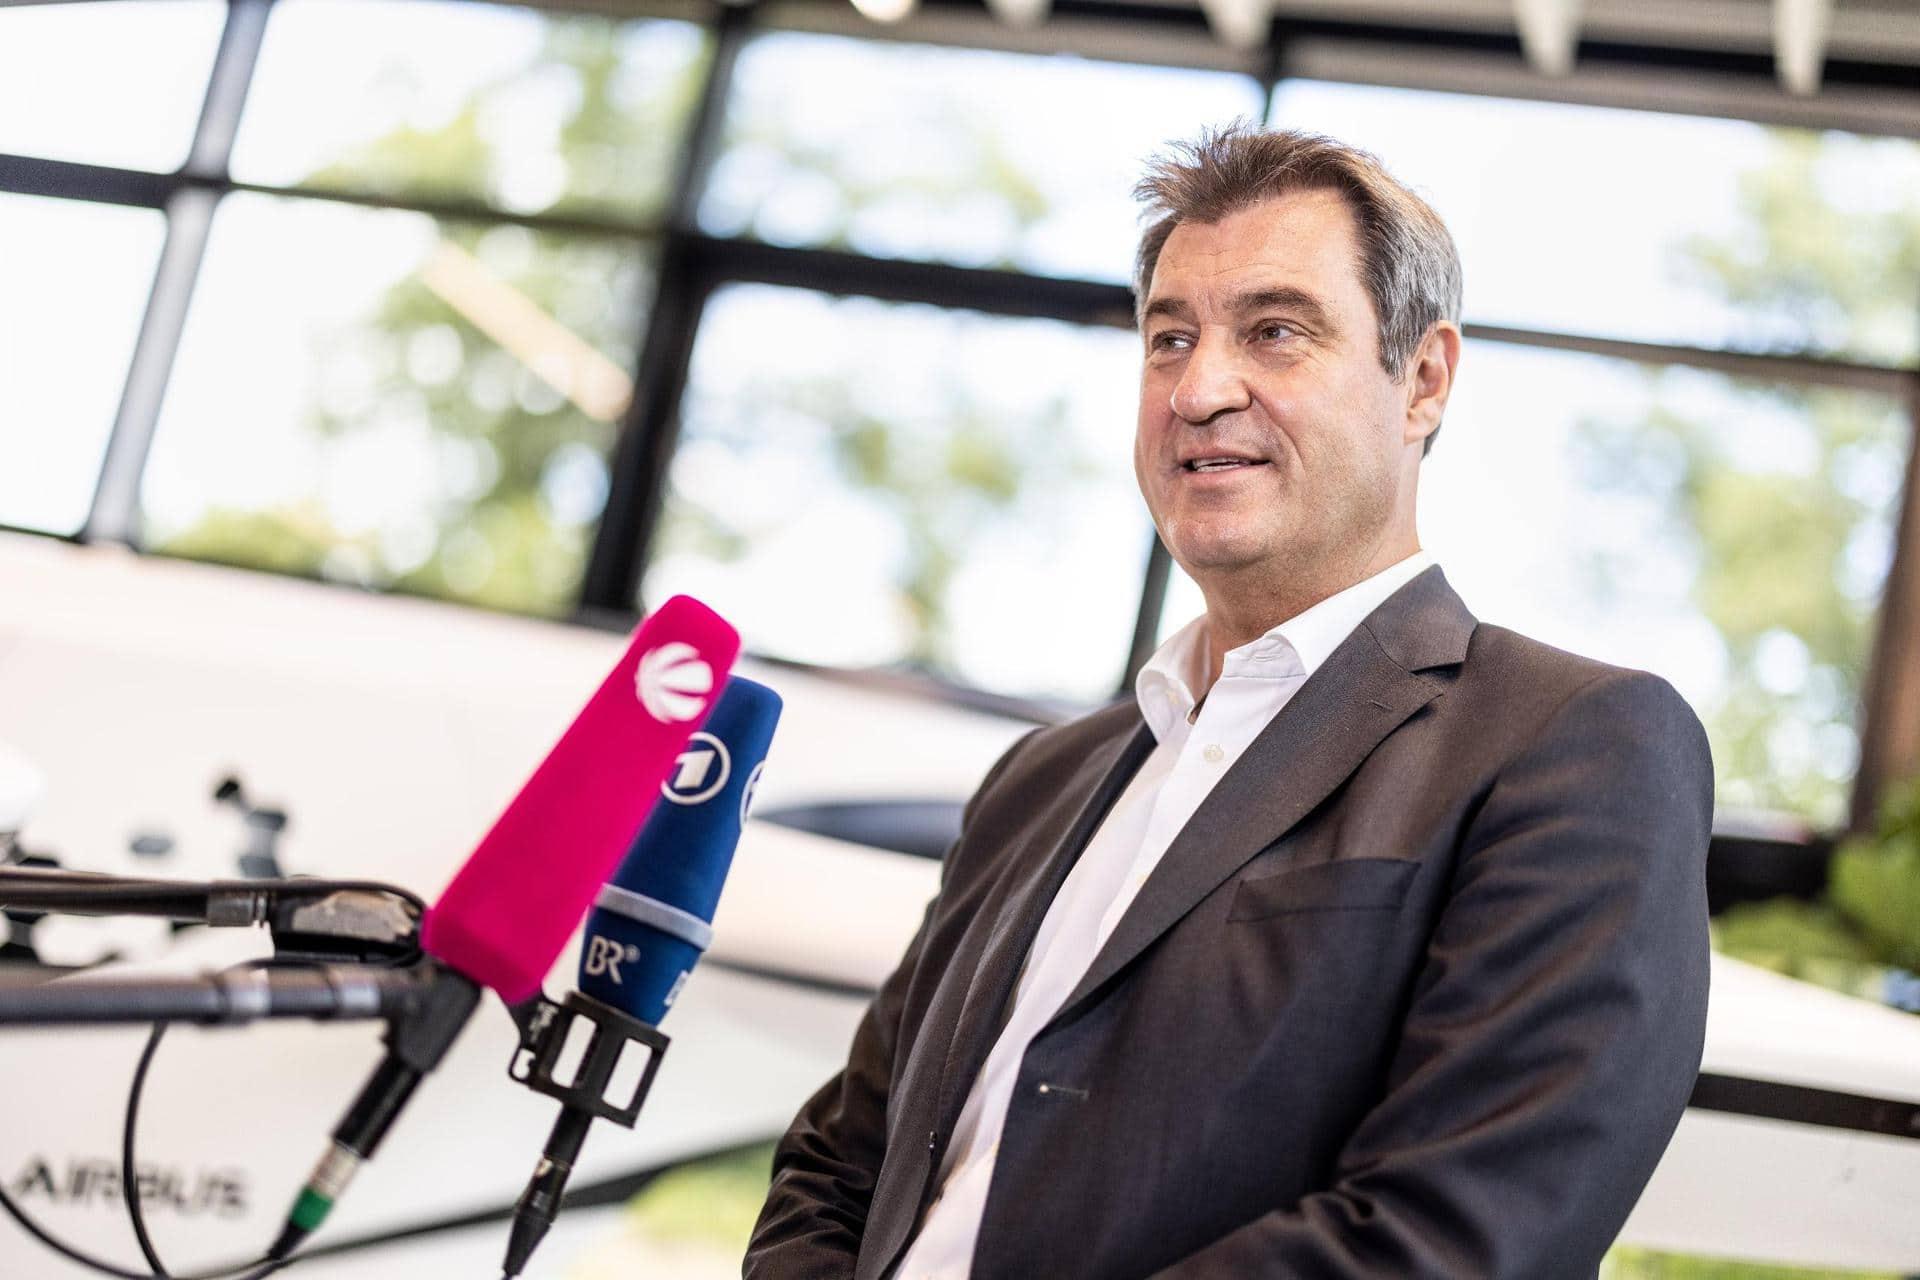 Helfer oder Kritiker? Söders Balanceakt im Wahlkampf Bundestagswahlen